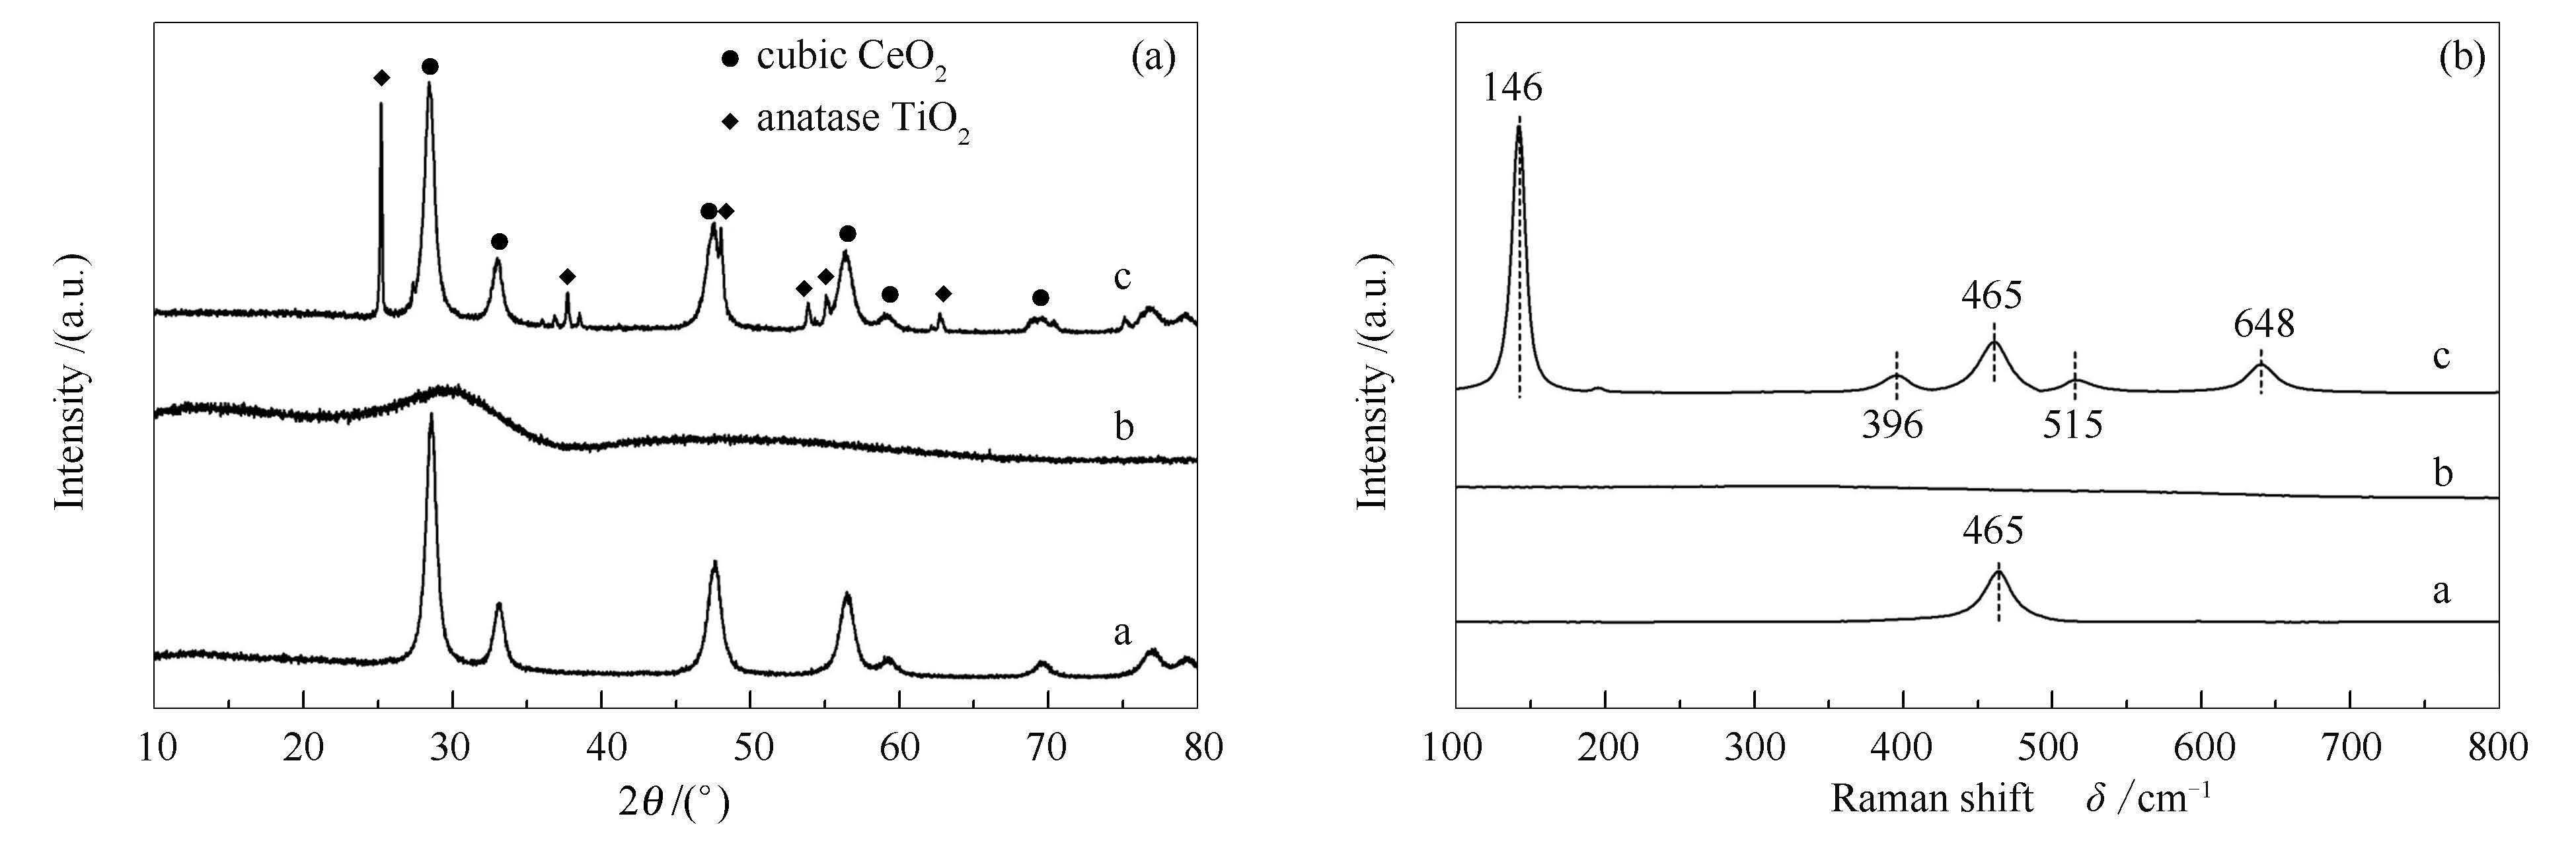 催化剂相组成、微观结构以及颗粒粒径分布的信息,对其进行了TEM分析。图 2(a)为低分辨率透射电镜照片。由图 2(a)可知,催化剂颗粒粒径大部分集中在20-70 nm。图 2(b)为高分辨率透射电镜照片。由图 2(b)可知,催化剂几乎是非晶态的,只有极少粒径很小 (<1 nm) 并且结晶度不好的晶粒存在,这可能是由于较高的担载量造成的。同时,作者还对催化剂进行了选区电子衍射 (SAED) 分析,没有点阵或环状出现,再结合XRD和Raman分析可以确认,CeO